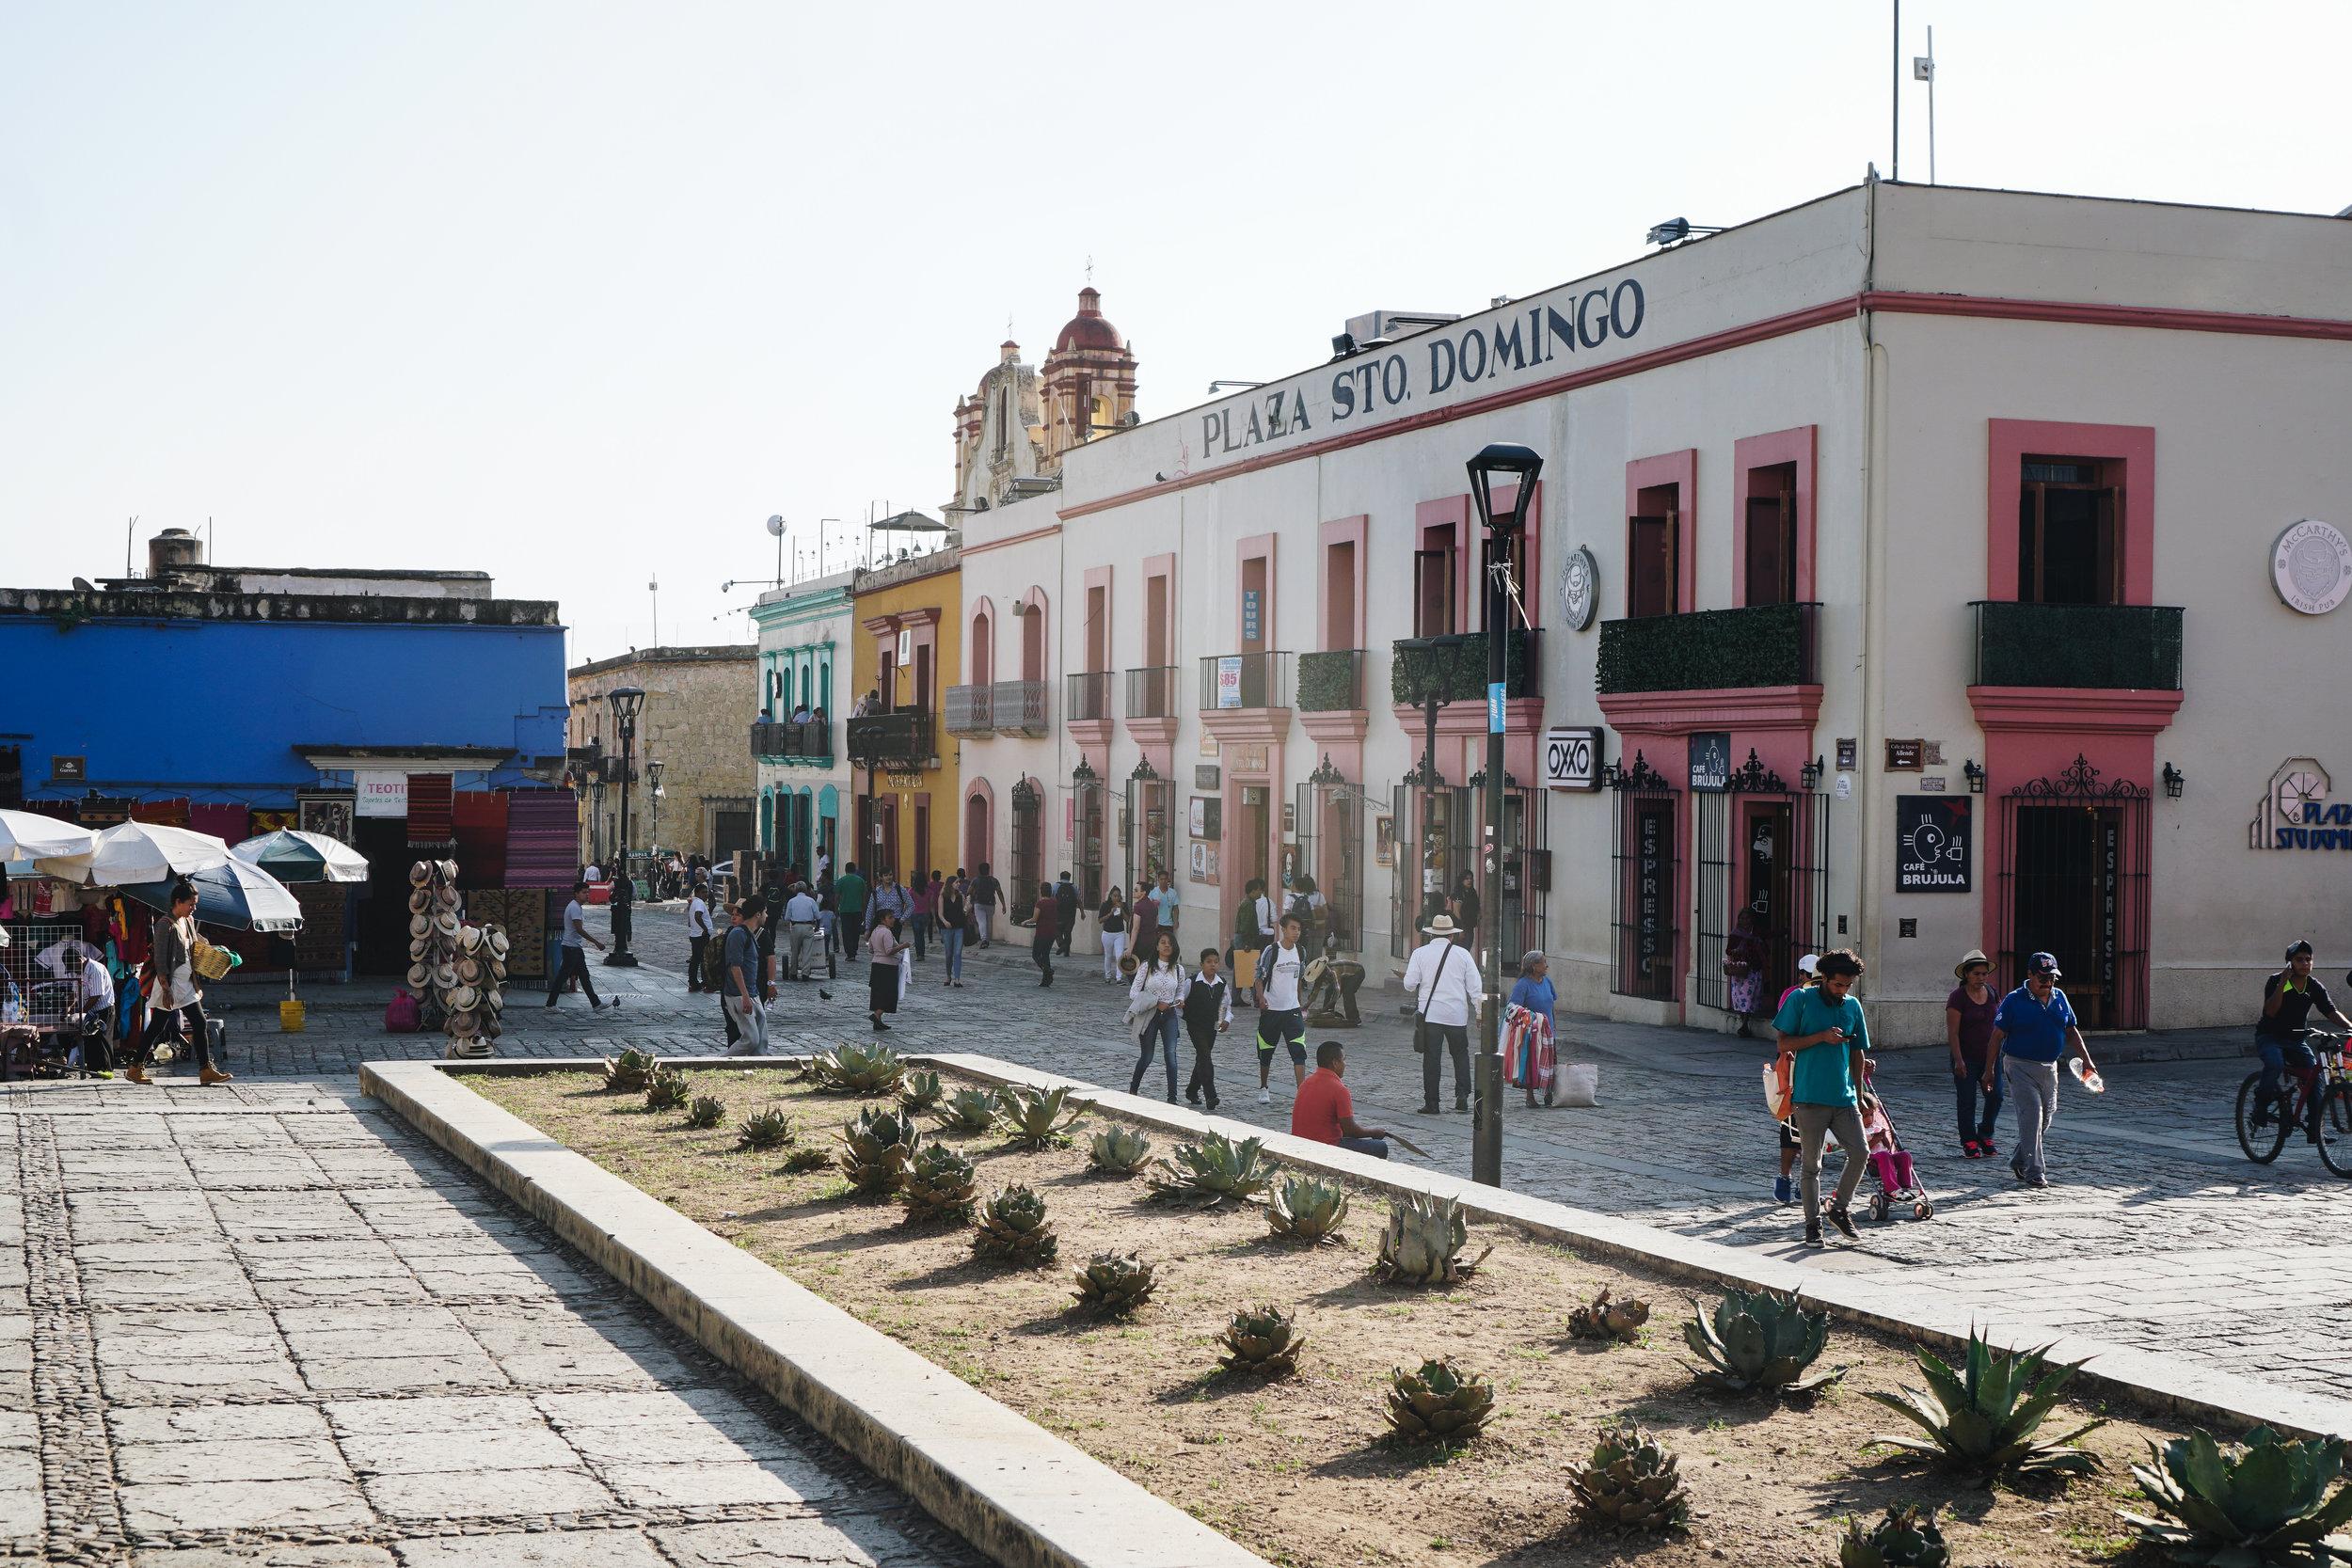 Insiders Guide to Oaxaca - www.letsregale.com 23.jpg